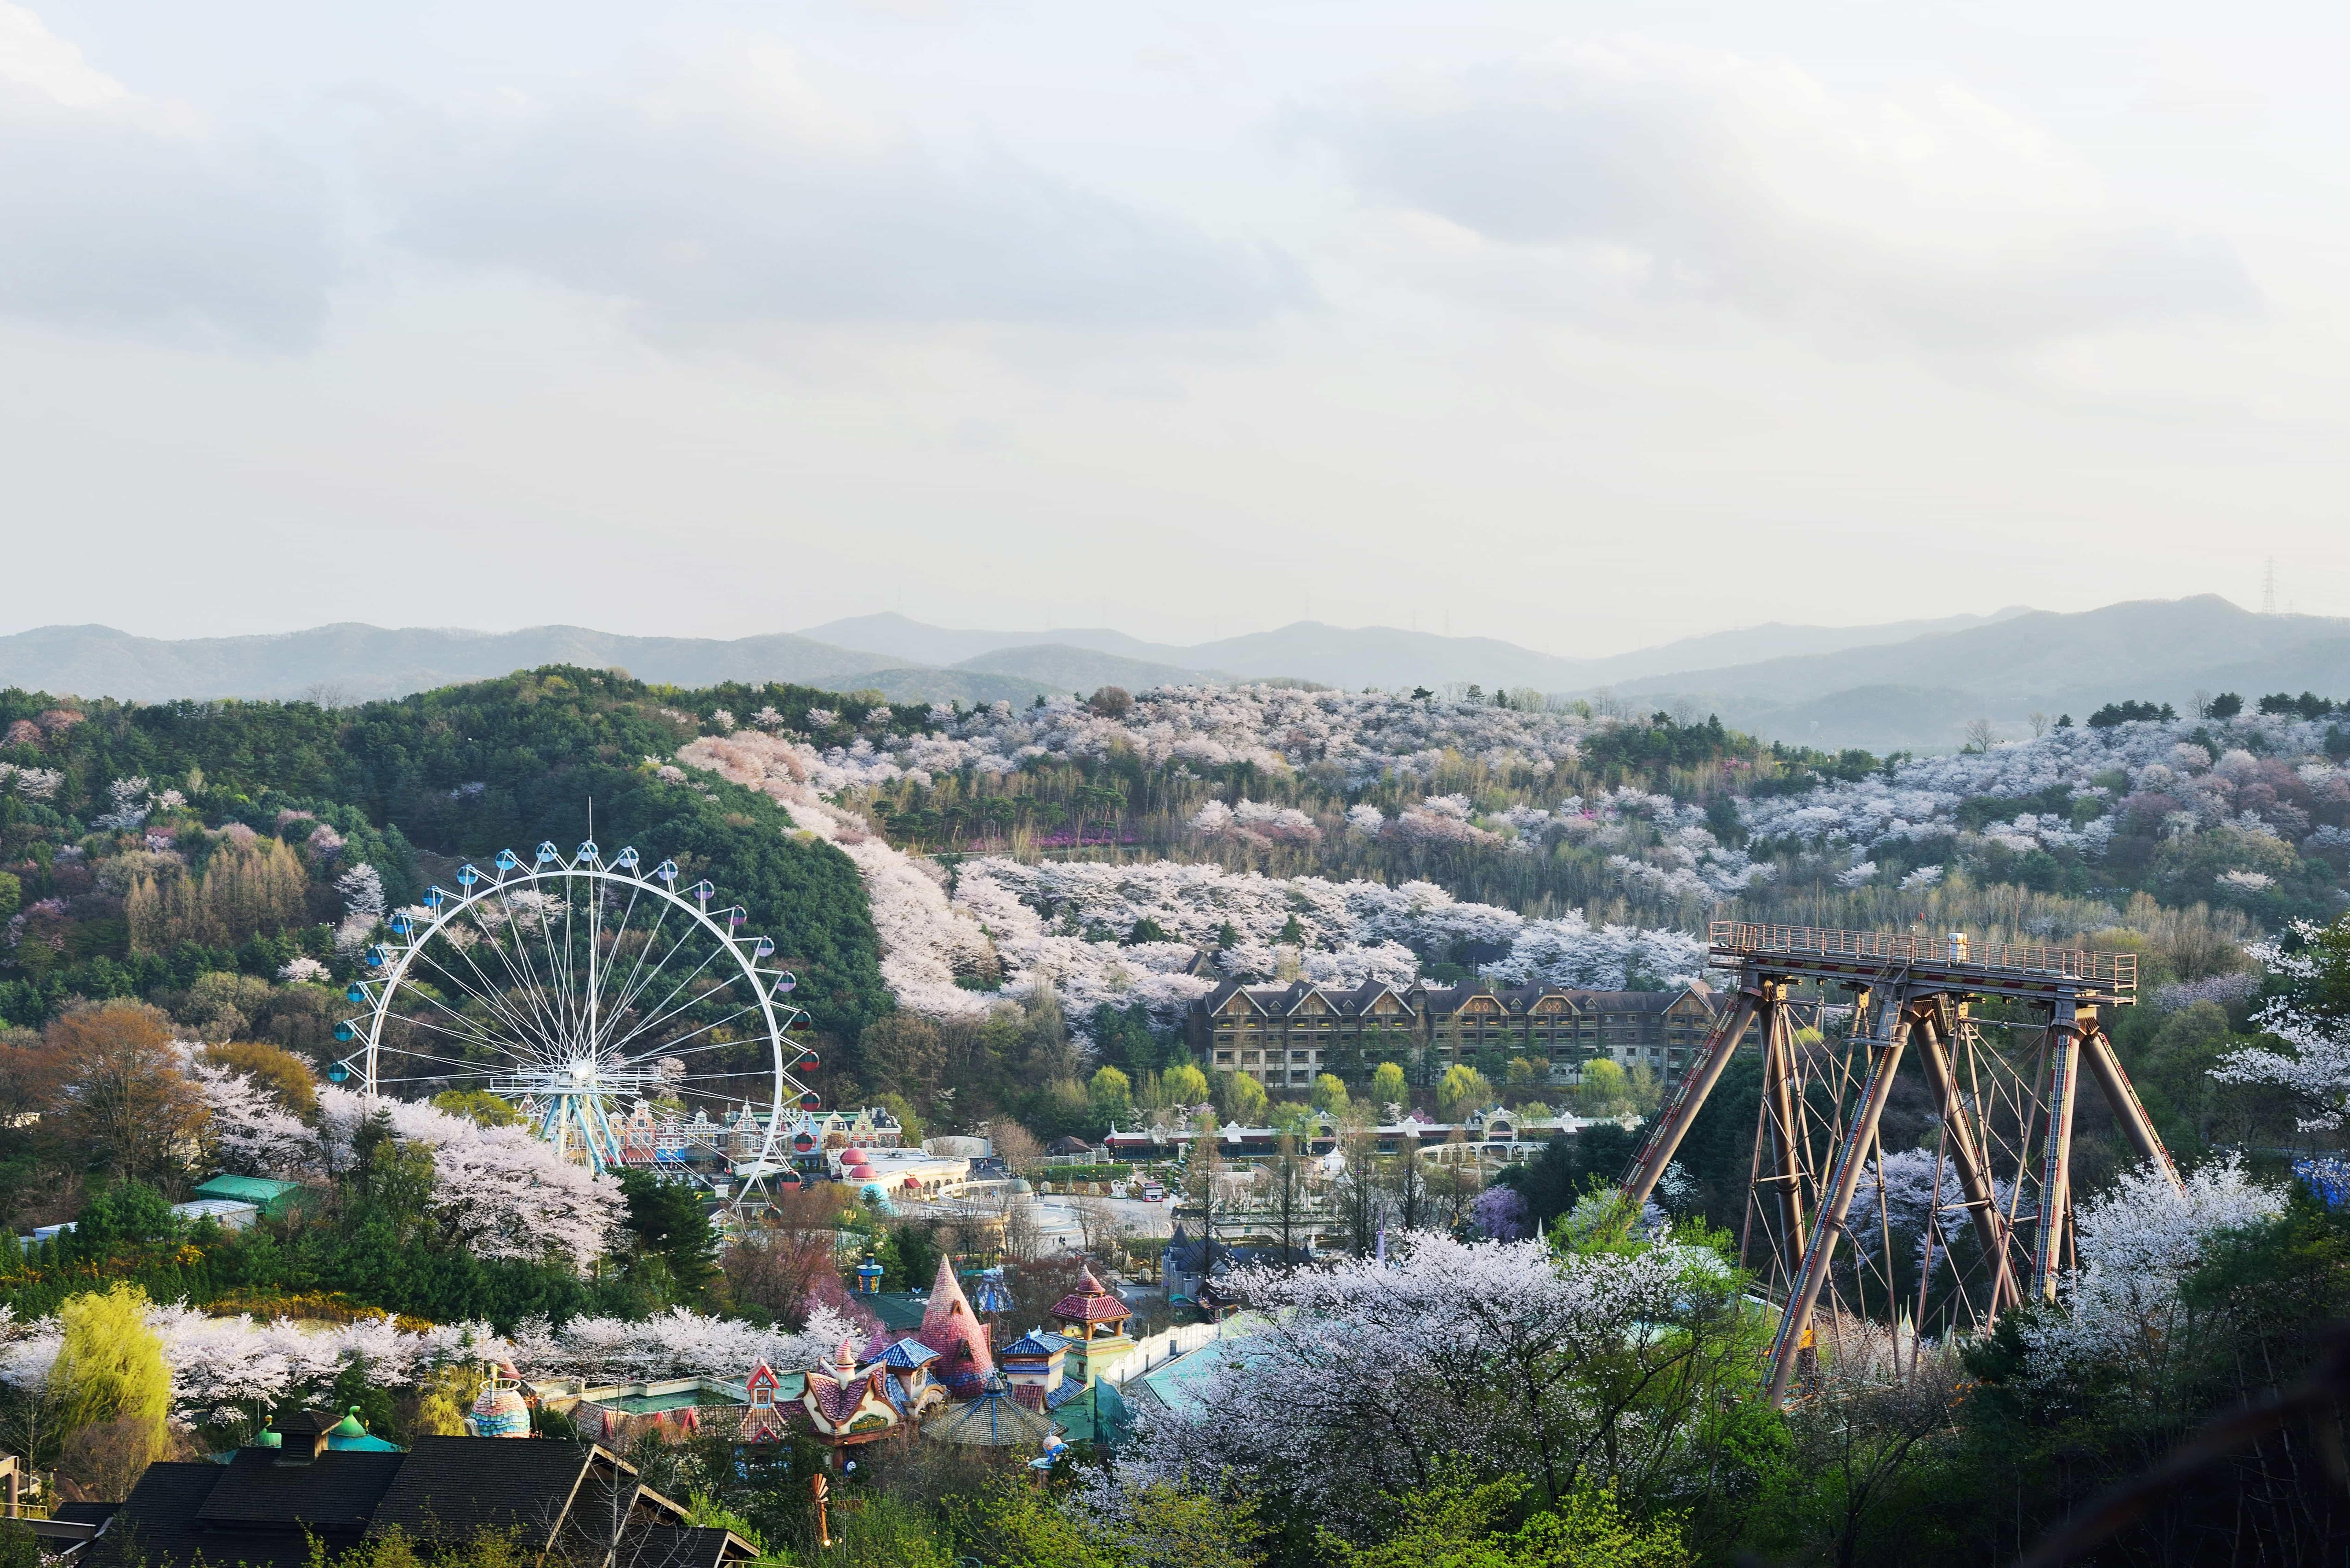 เอเวอร์แลนด์ สวนสนุก เกาหลีใต้